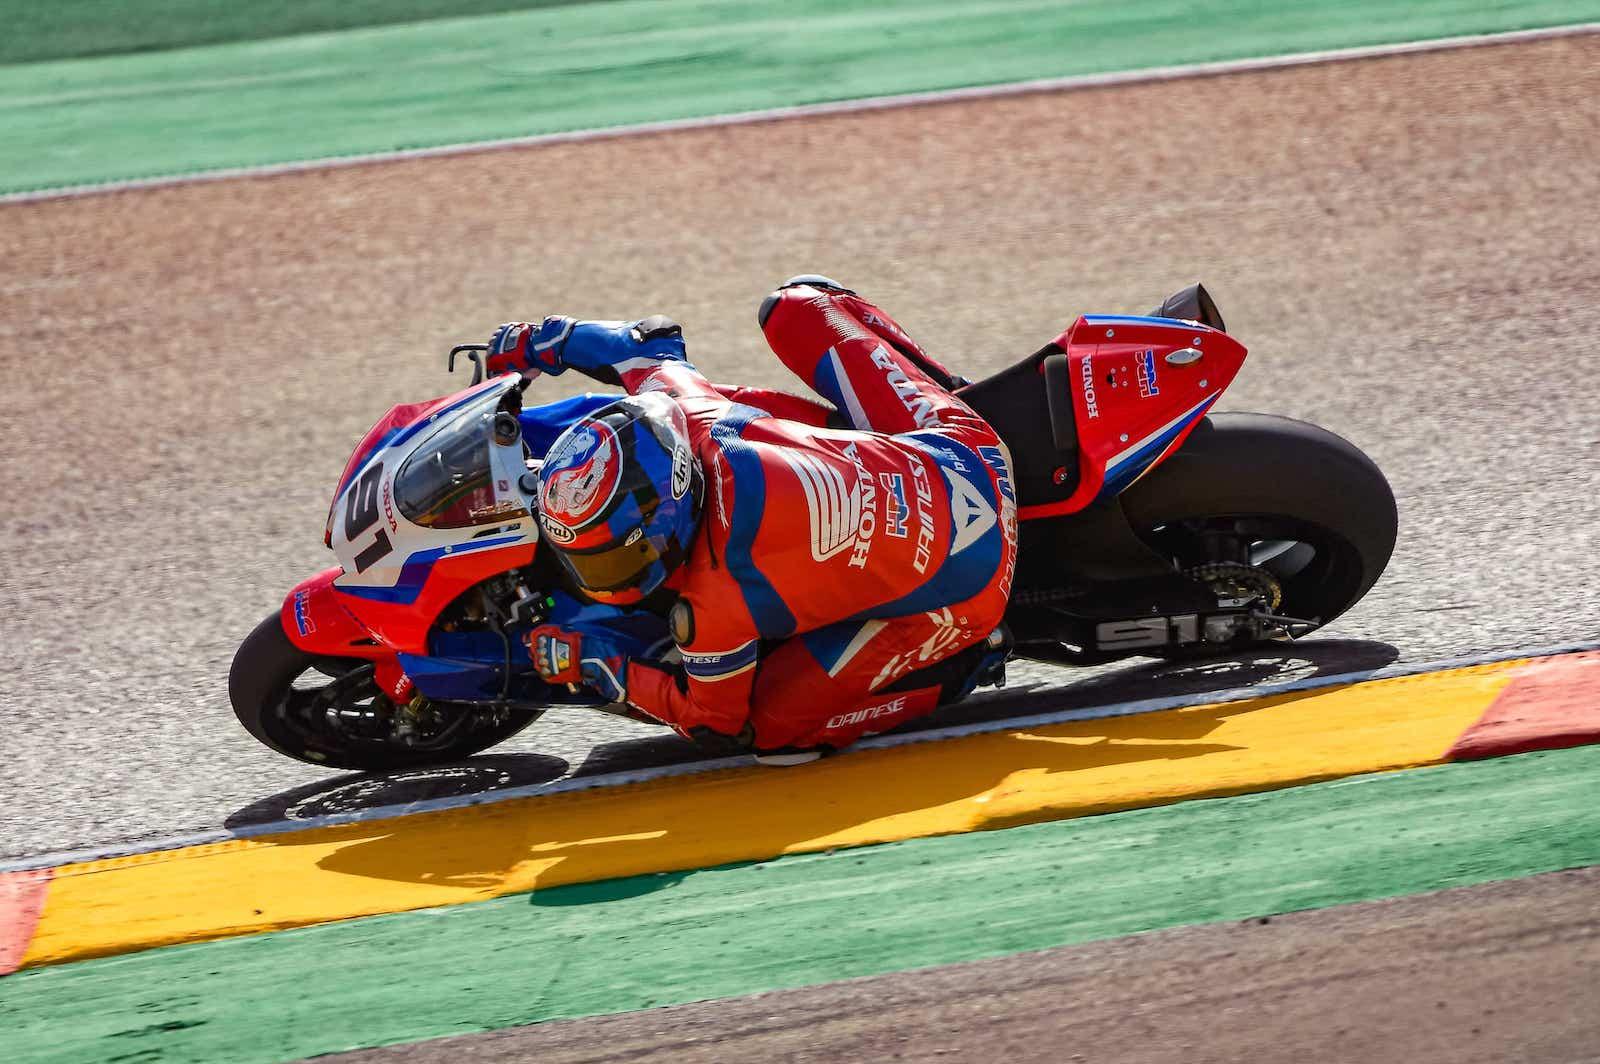 スーパーバイク世界選手権(SBK)テルエル戦 レオン・ハスラム「表彰台獲得は可能だと感じている」